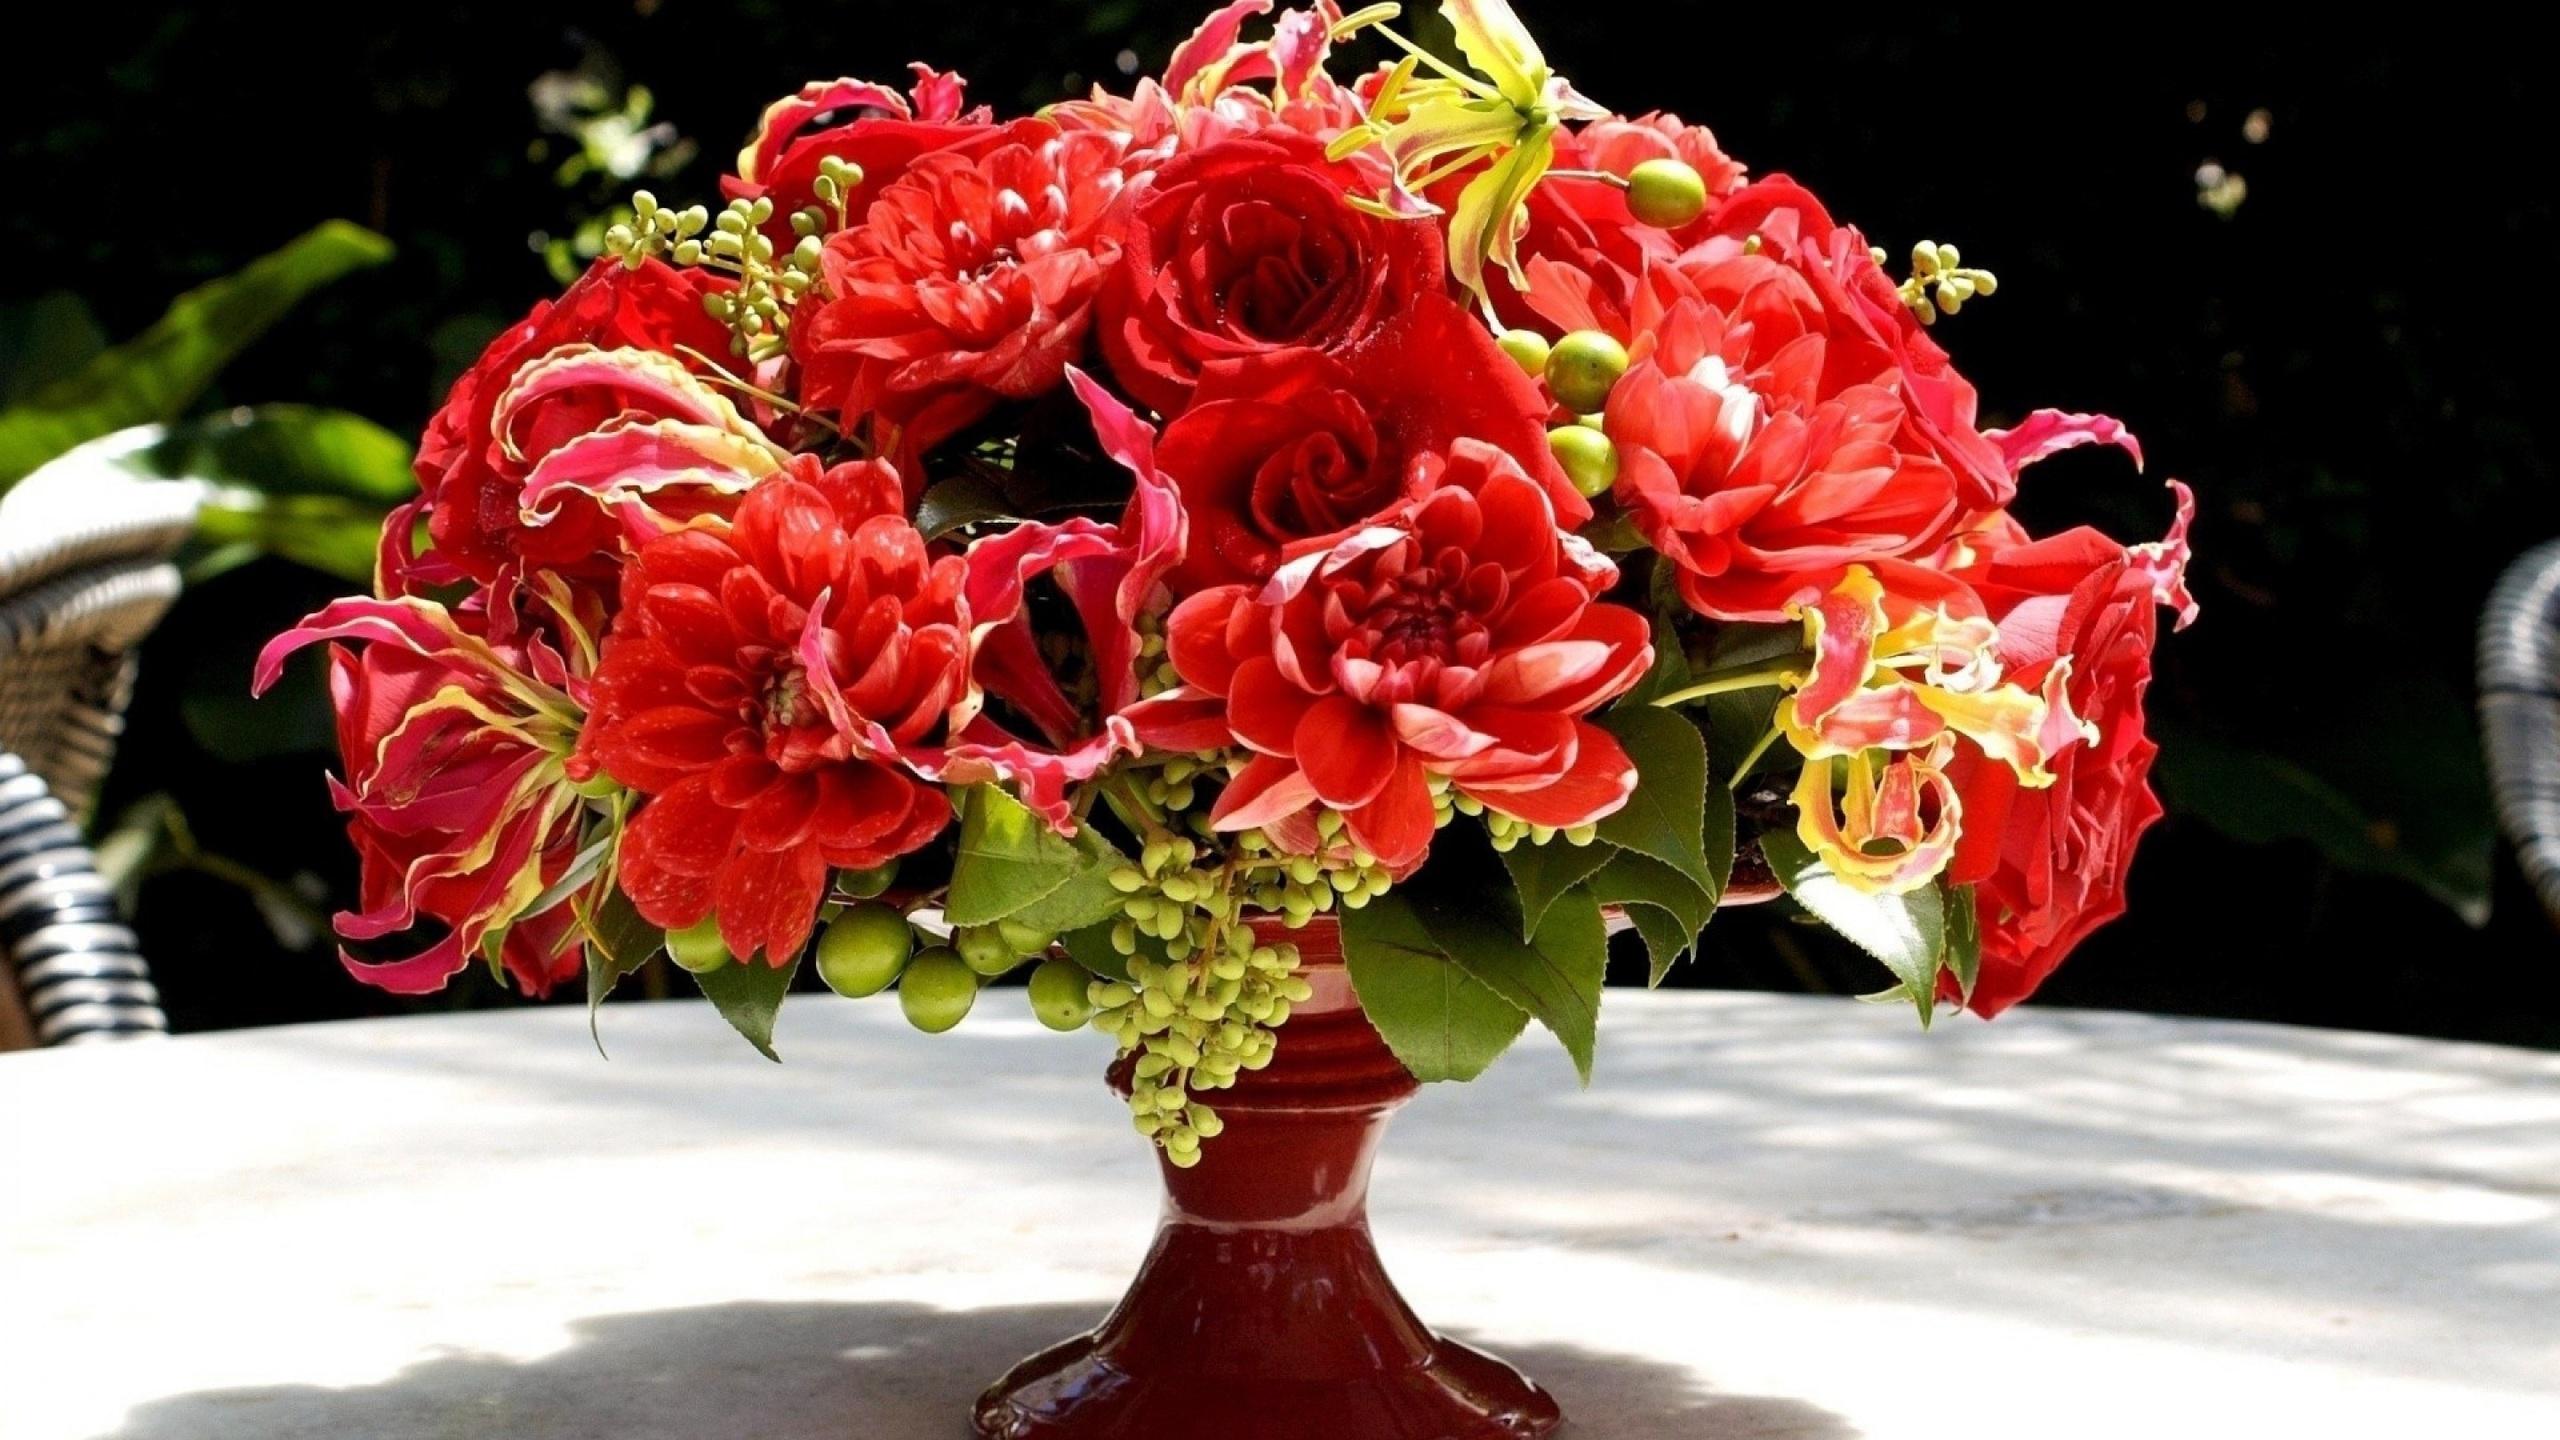 Картинки красивых живых цветов